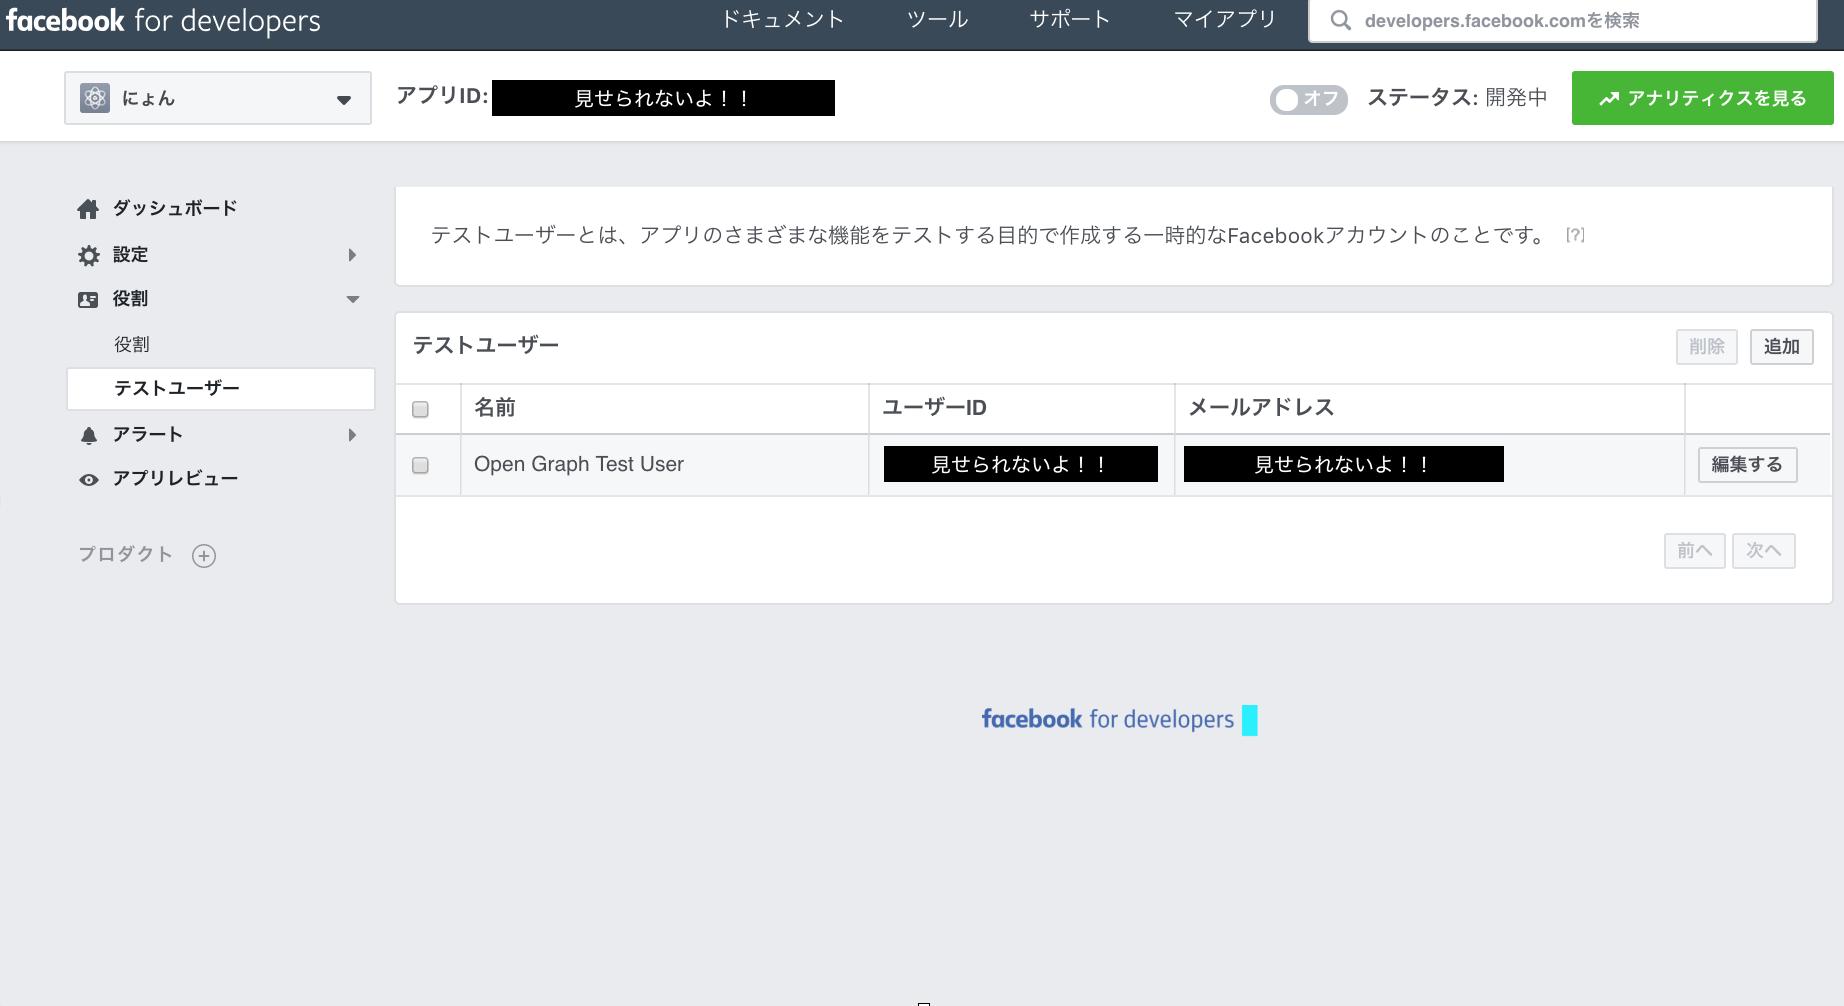 ScreenShot 2018-05-07 at 2.20.54.png